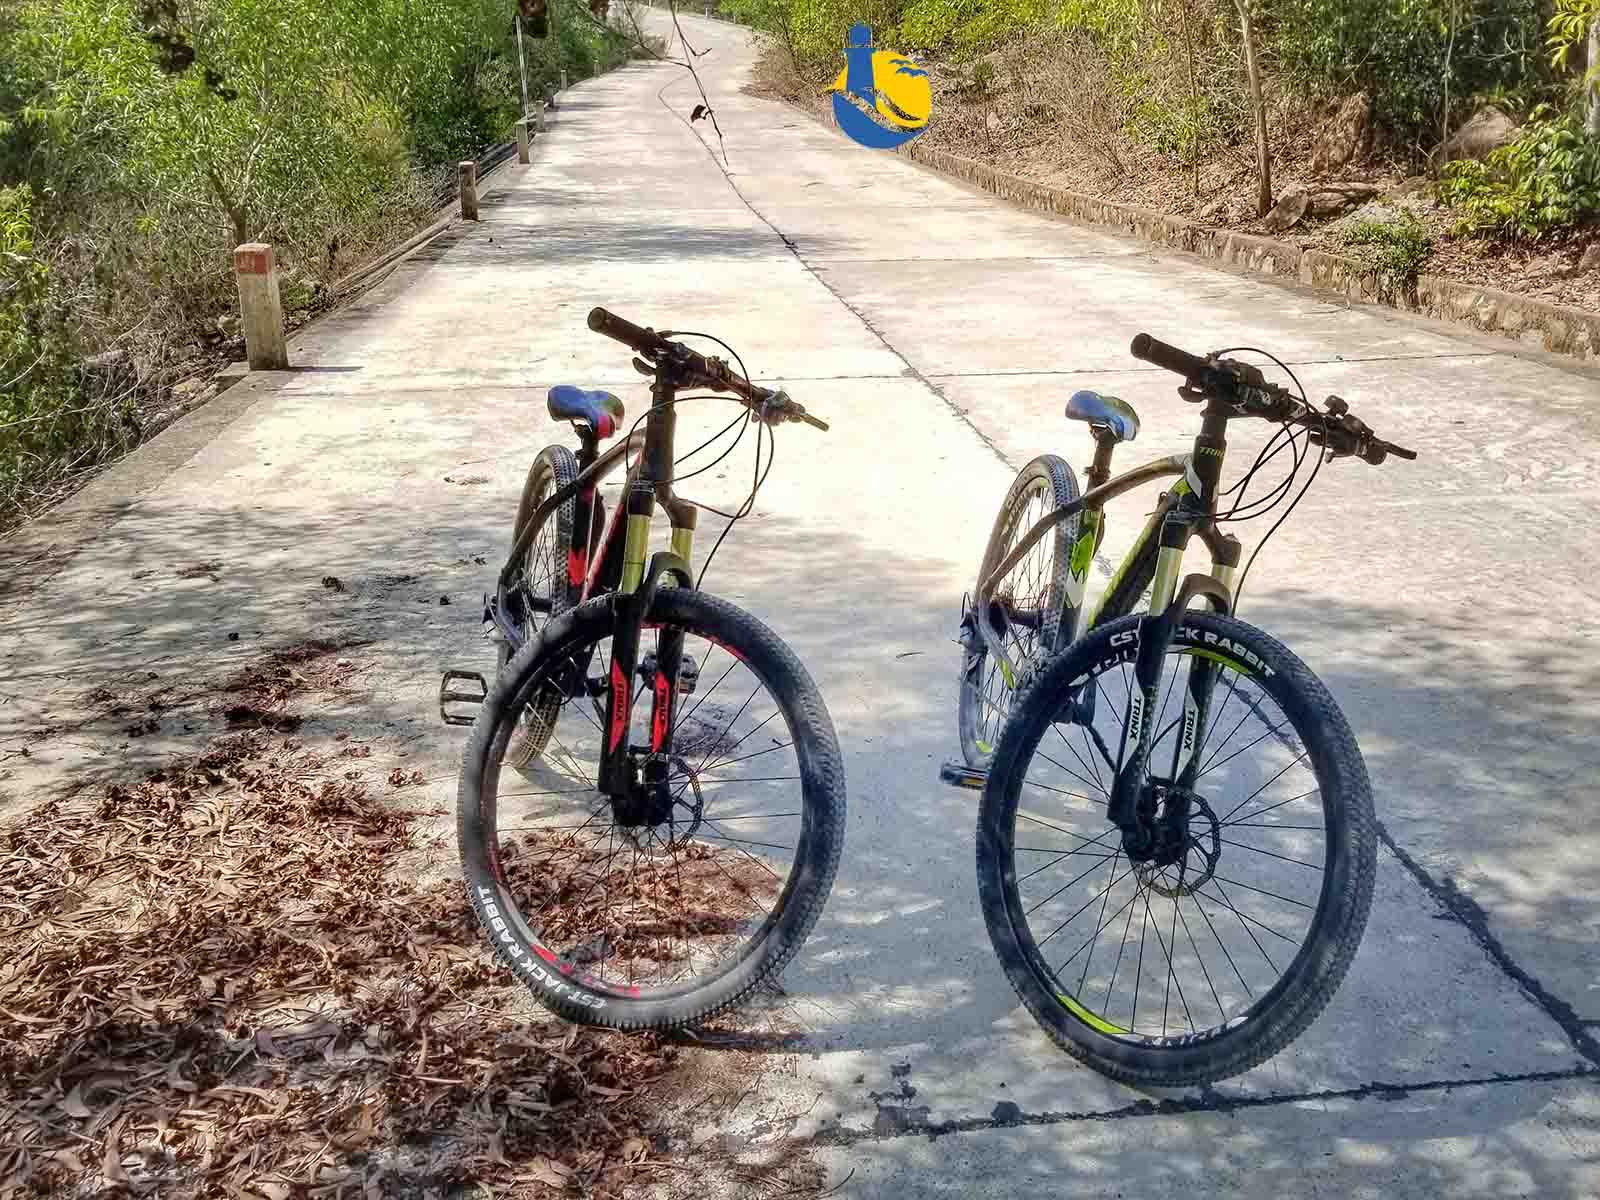 Dịch vụ cho thuê xe đạp địa hình du lịch Cù Lao Xanh - Quy Nhơn